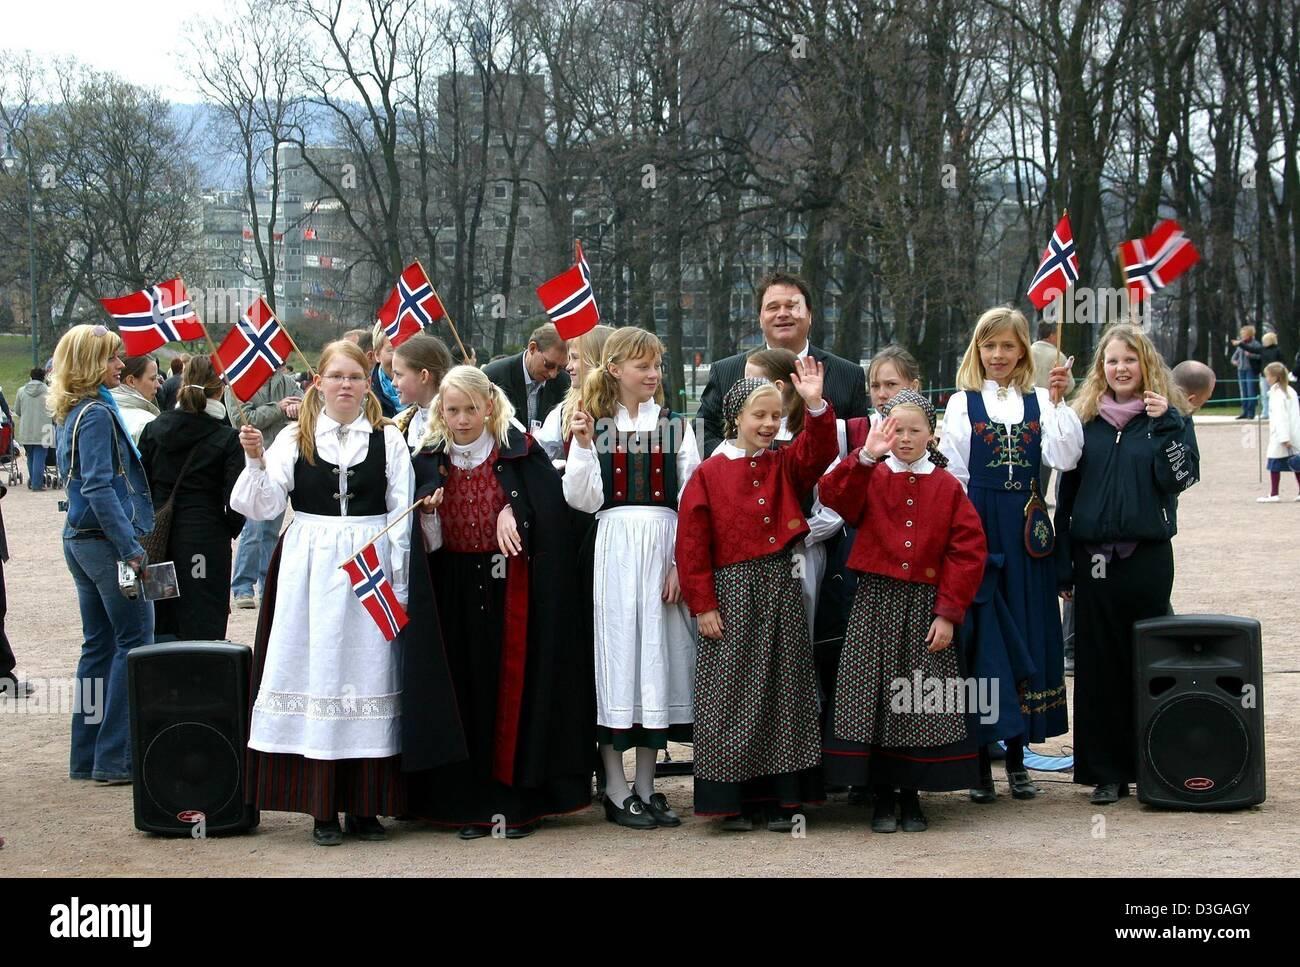 human interest hum people norwegian flags children kids